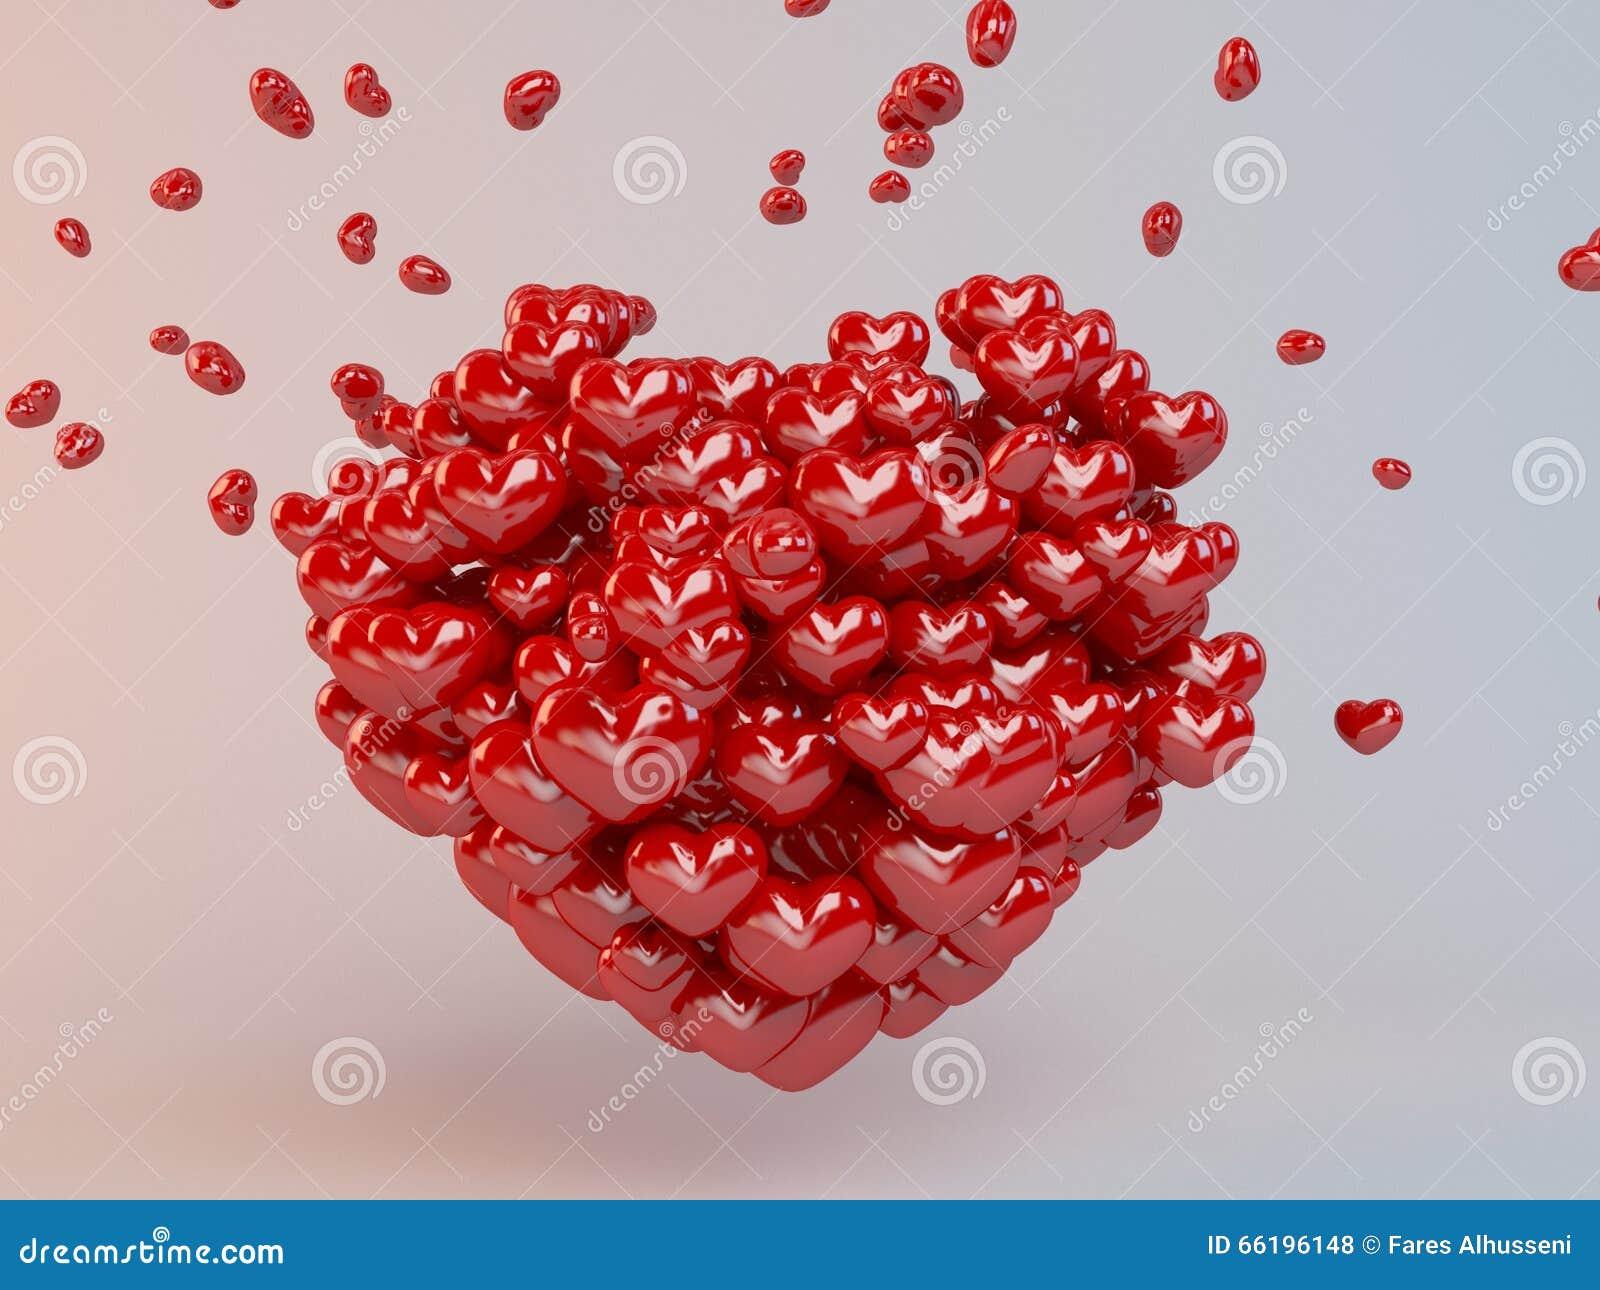 Il gruppo di cuori rossi balloons formando un cuore for Immagini di cuori rossi